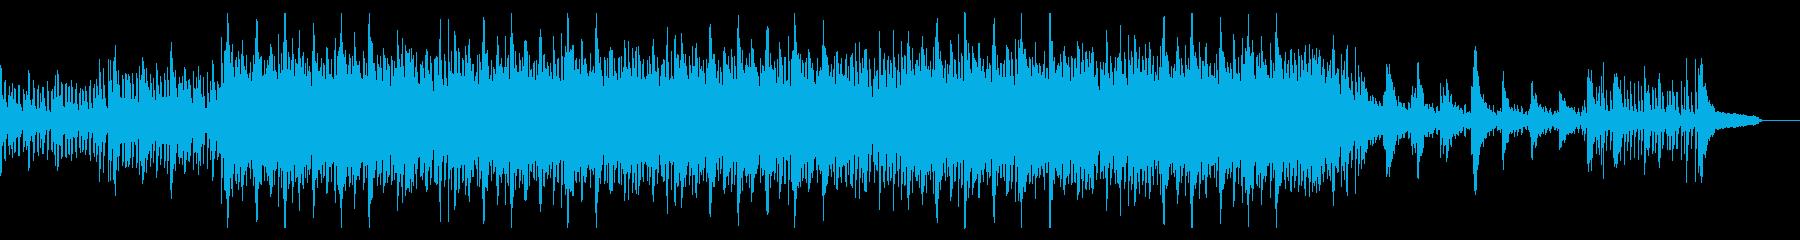 ダークなオーケストラの砂漠面ボス戦闘曲の再生済みの波形